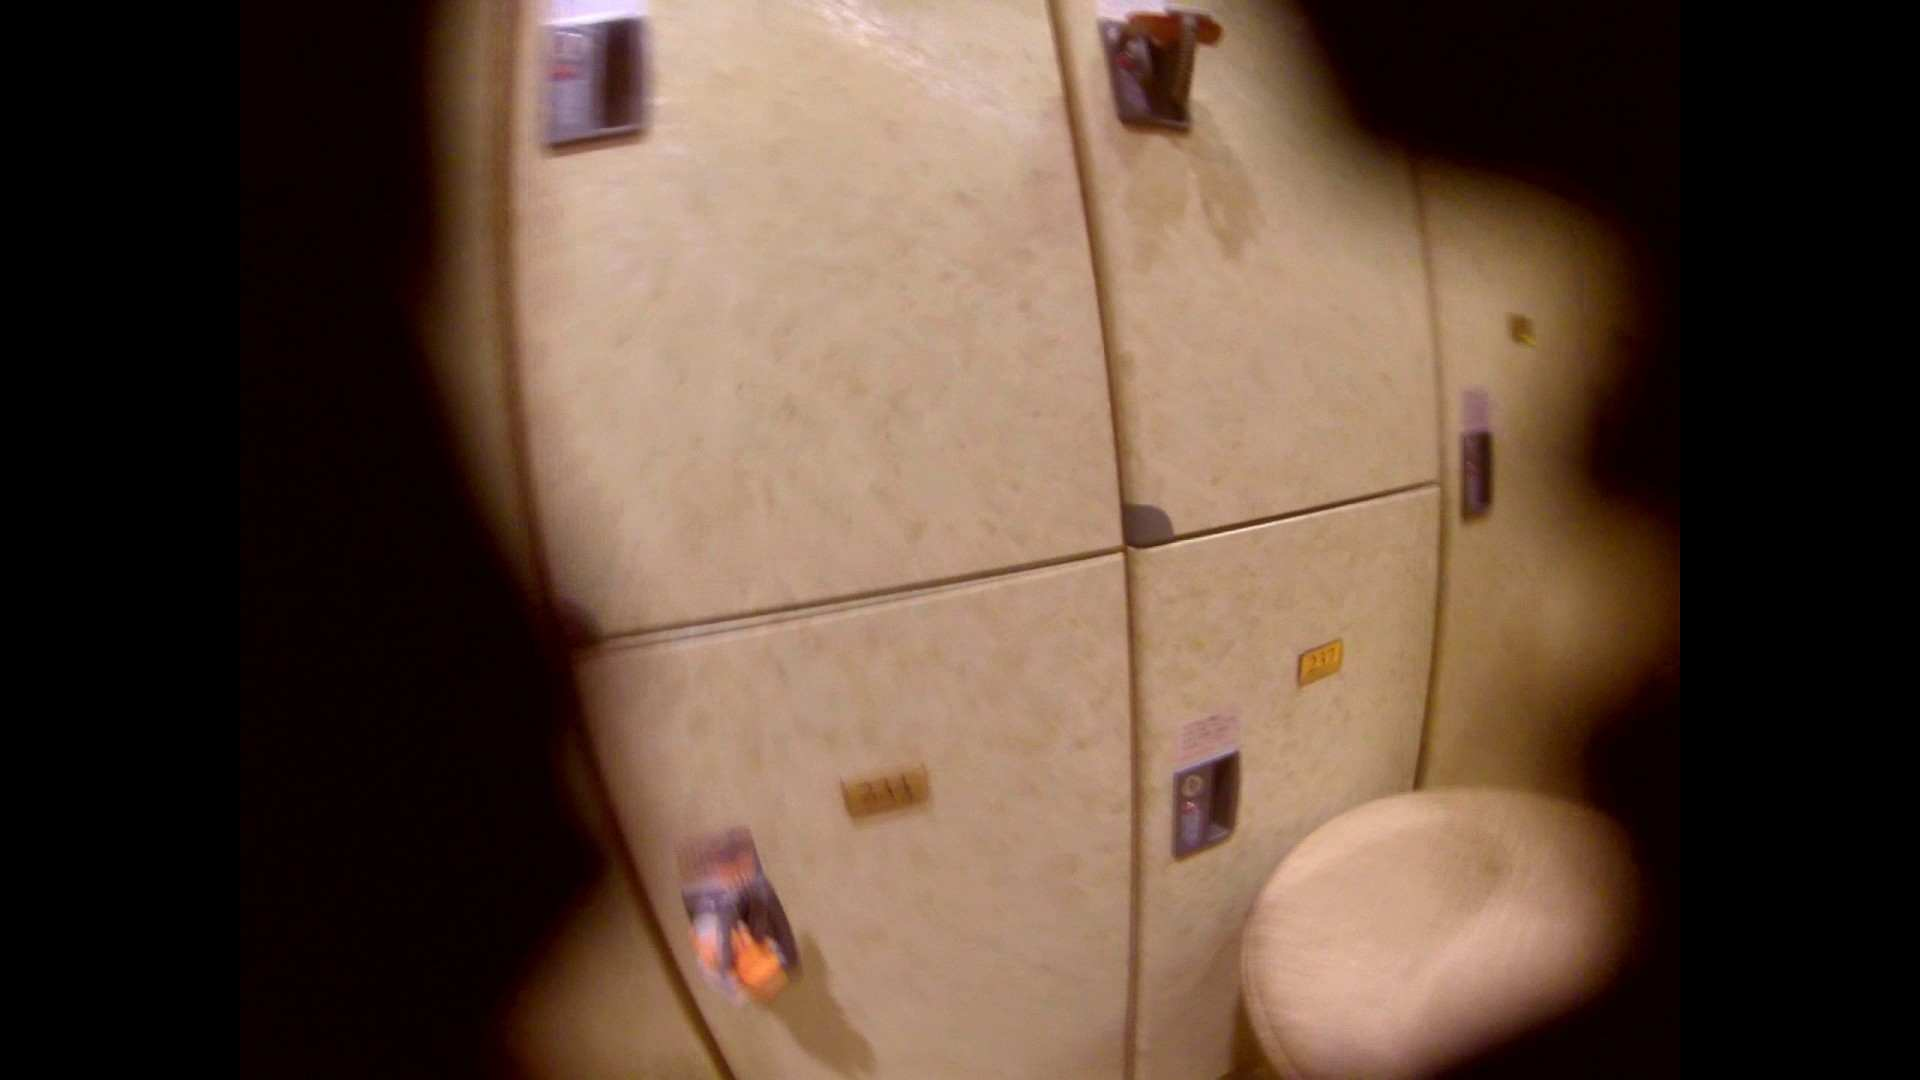 追い撮り!ヤった!二代目さん!エロカワギャル登場です。 女湯のぞき スケベ動画紹介 108枚 21